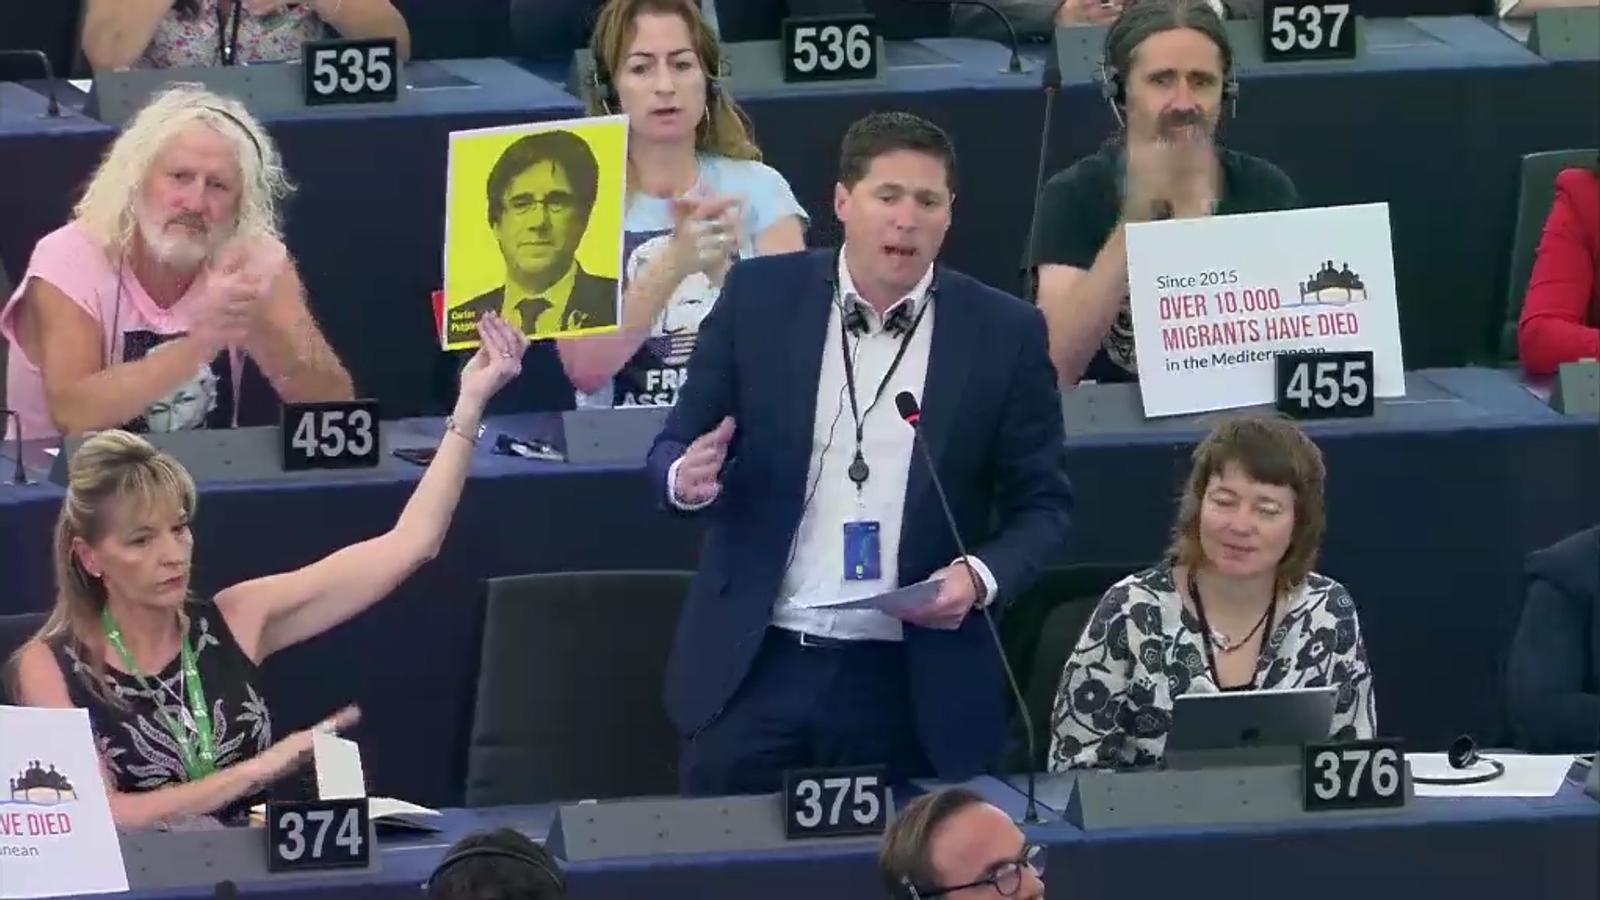 L'anàlisi d'Antoni Bassas: '1.720.000 europeus sense els seus eurodiputats'